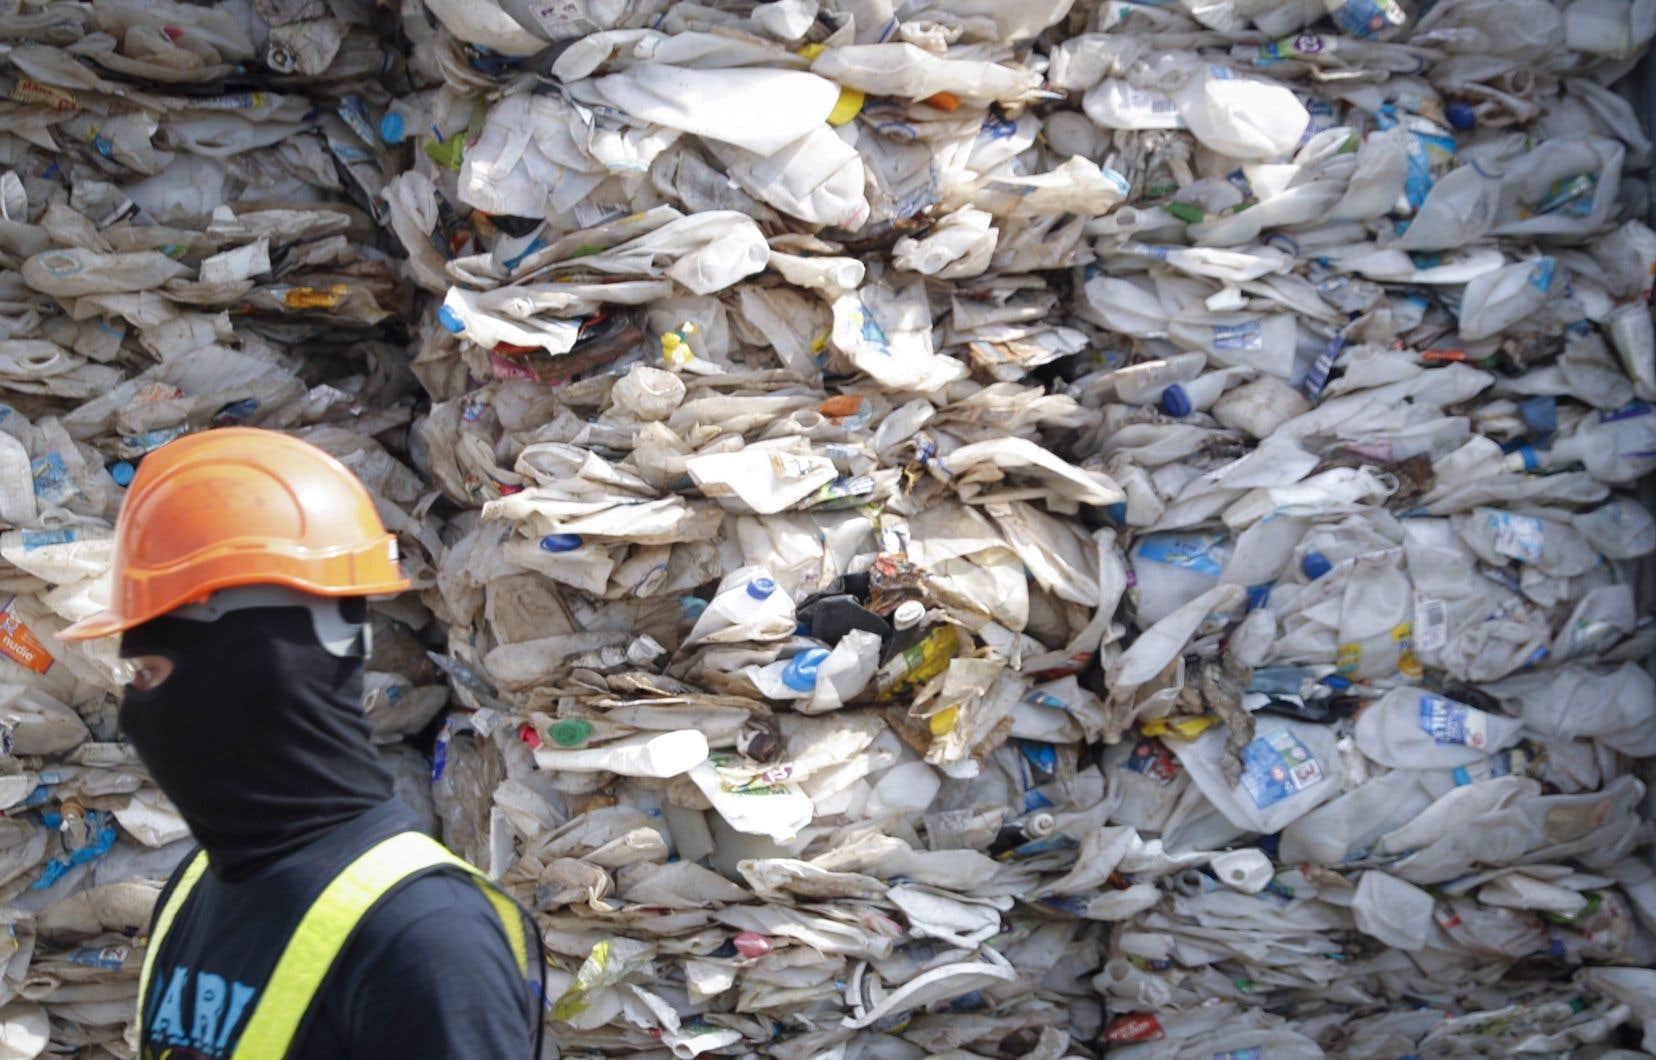 Les humains produisent environ 300millions de tonnes de déchets de plastique par an, selon le Programme des Nations unies pour l'environnement.